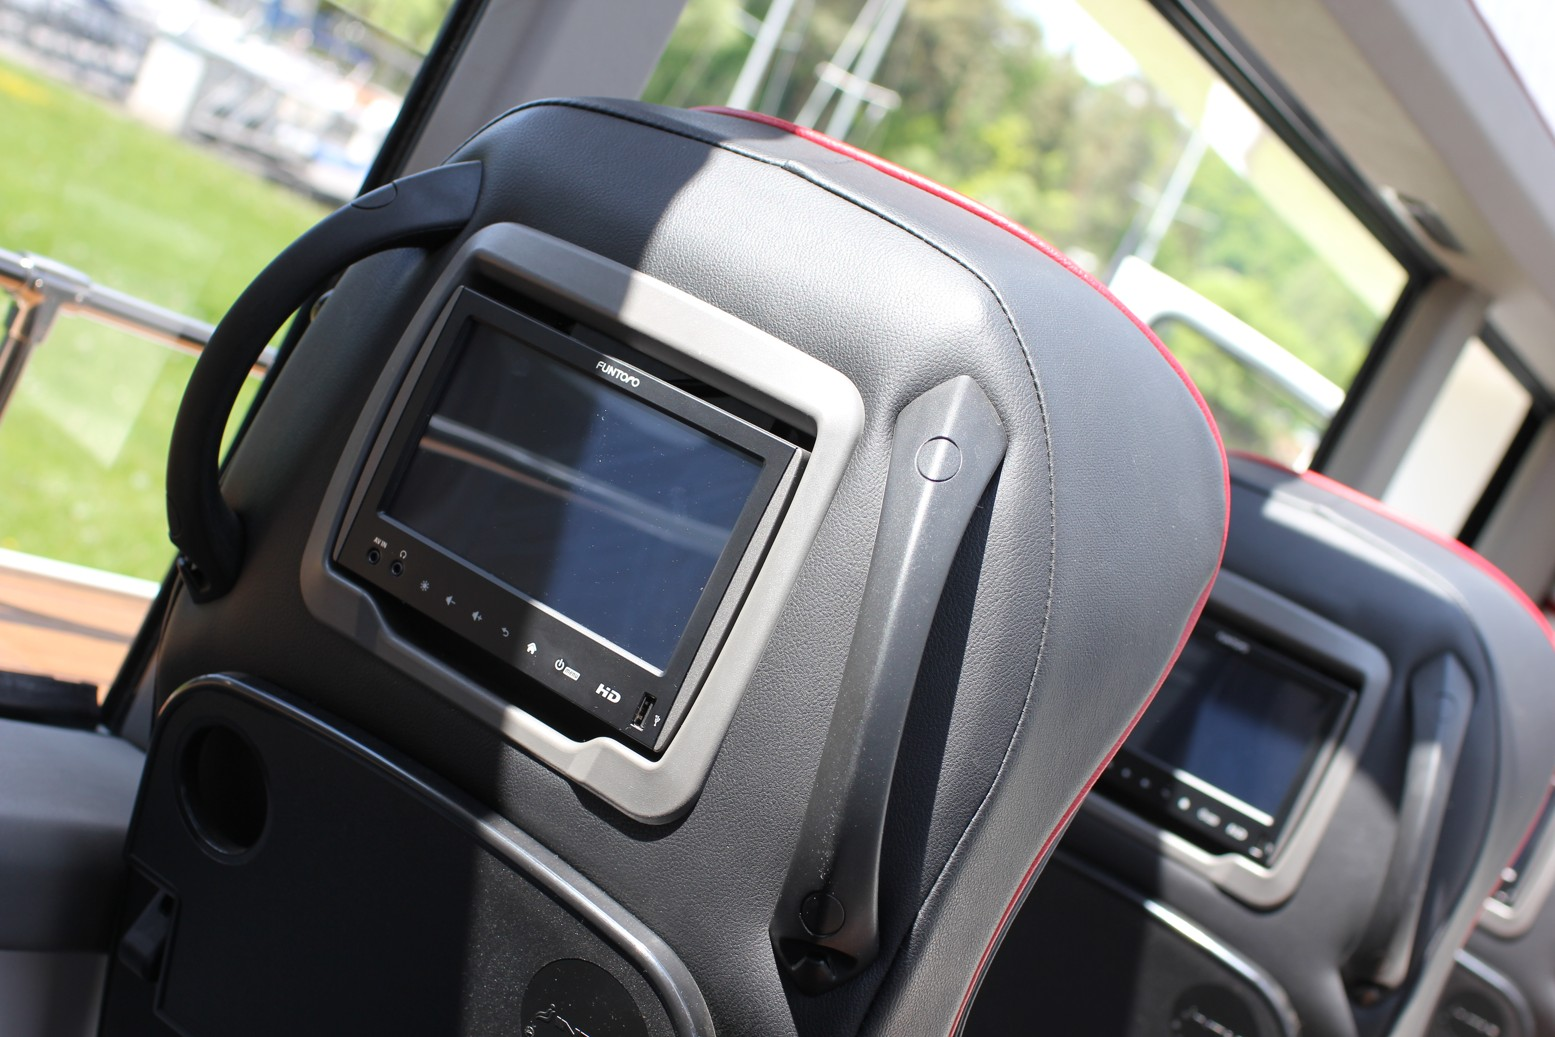 Minibus je vybaven multimediálním systémem FUNTORO dodaným společností MOLPIR a instalovaným firmou Auto-Bus.cz.(foto: Auto-Bus.cz)